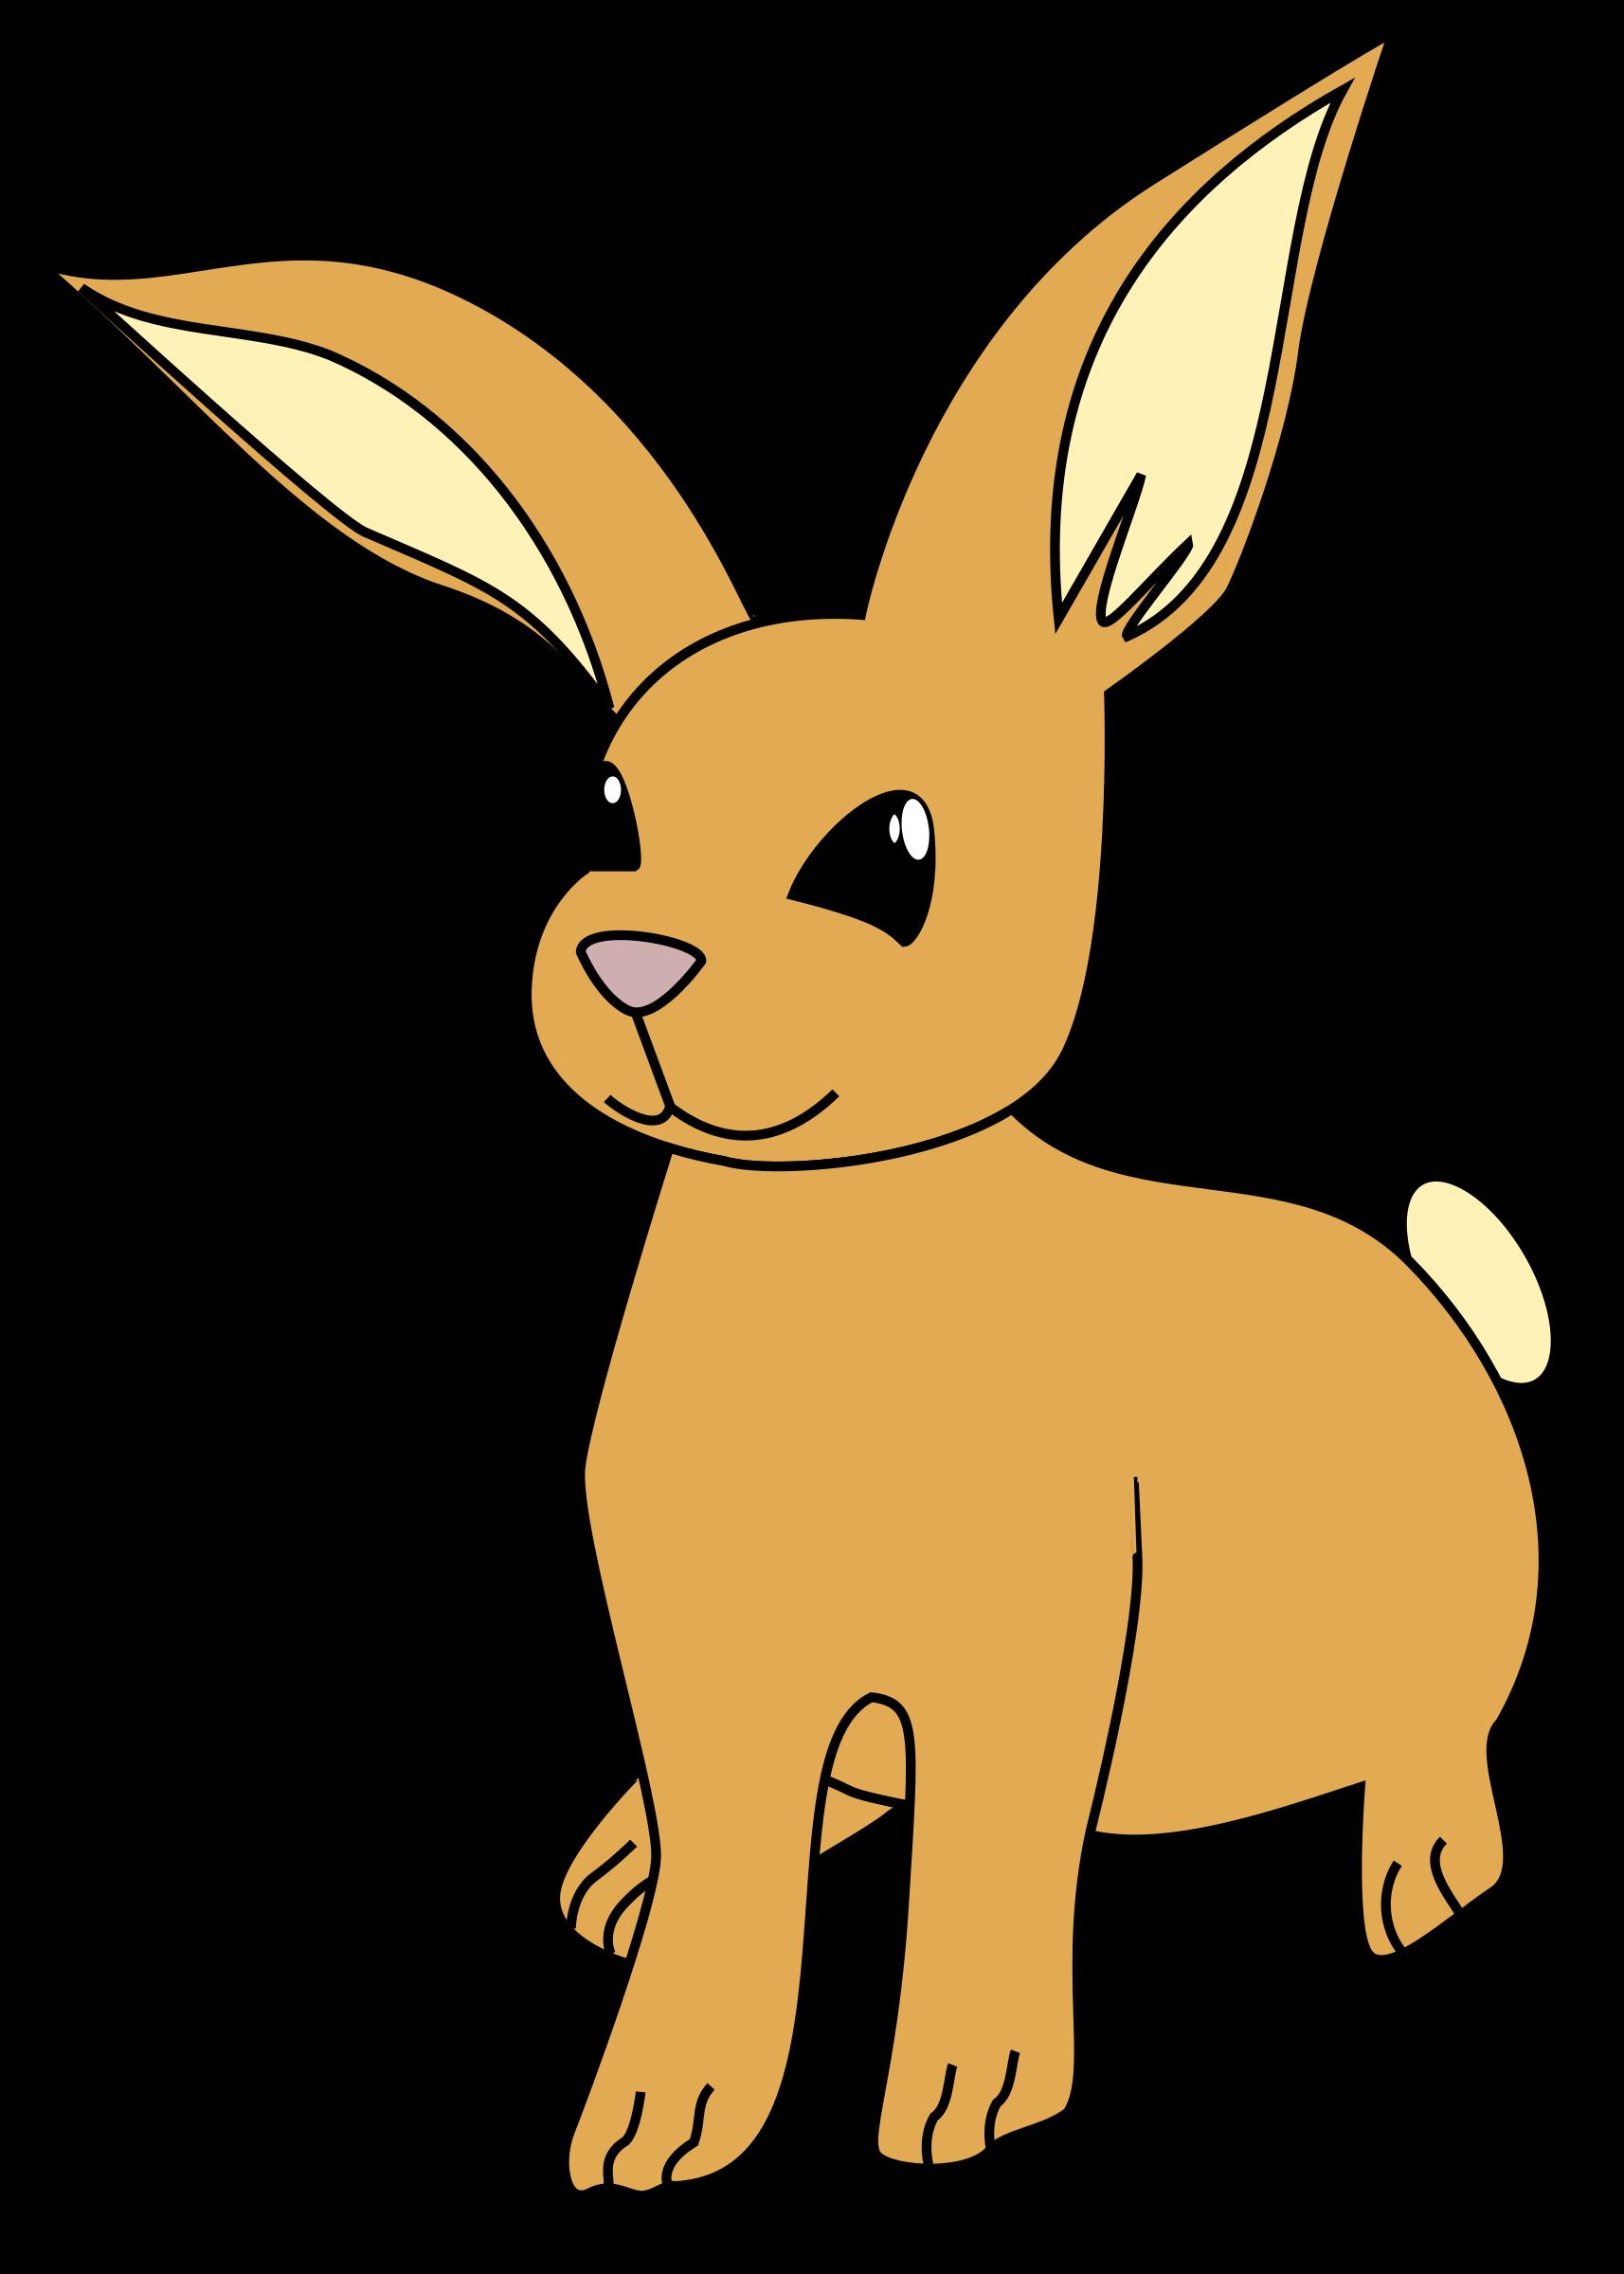 Pet clipart rabbit. Bunny big image png